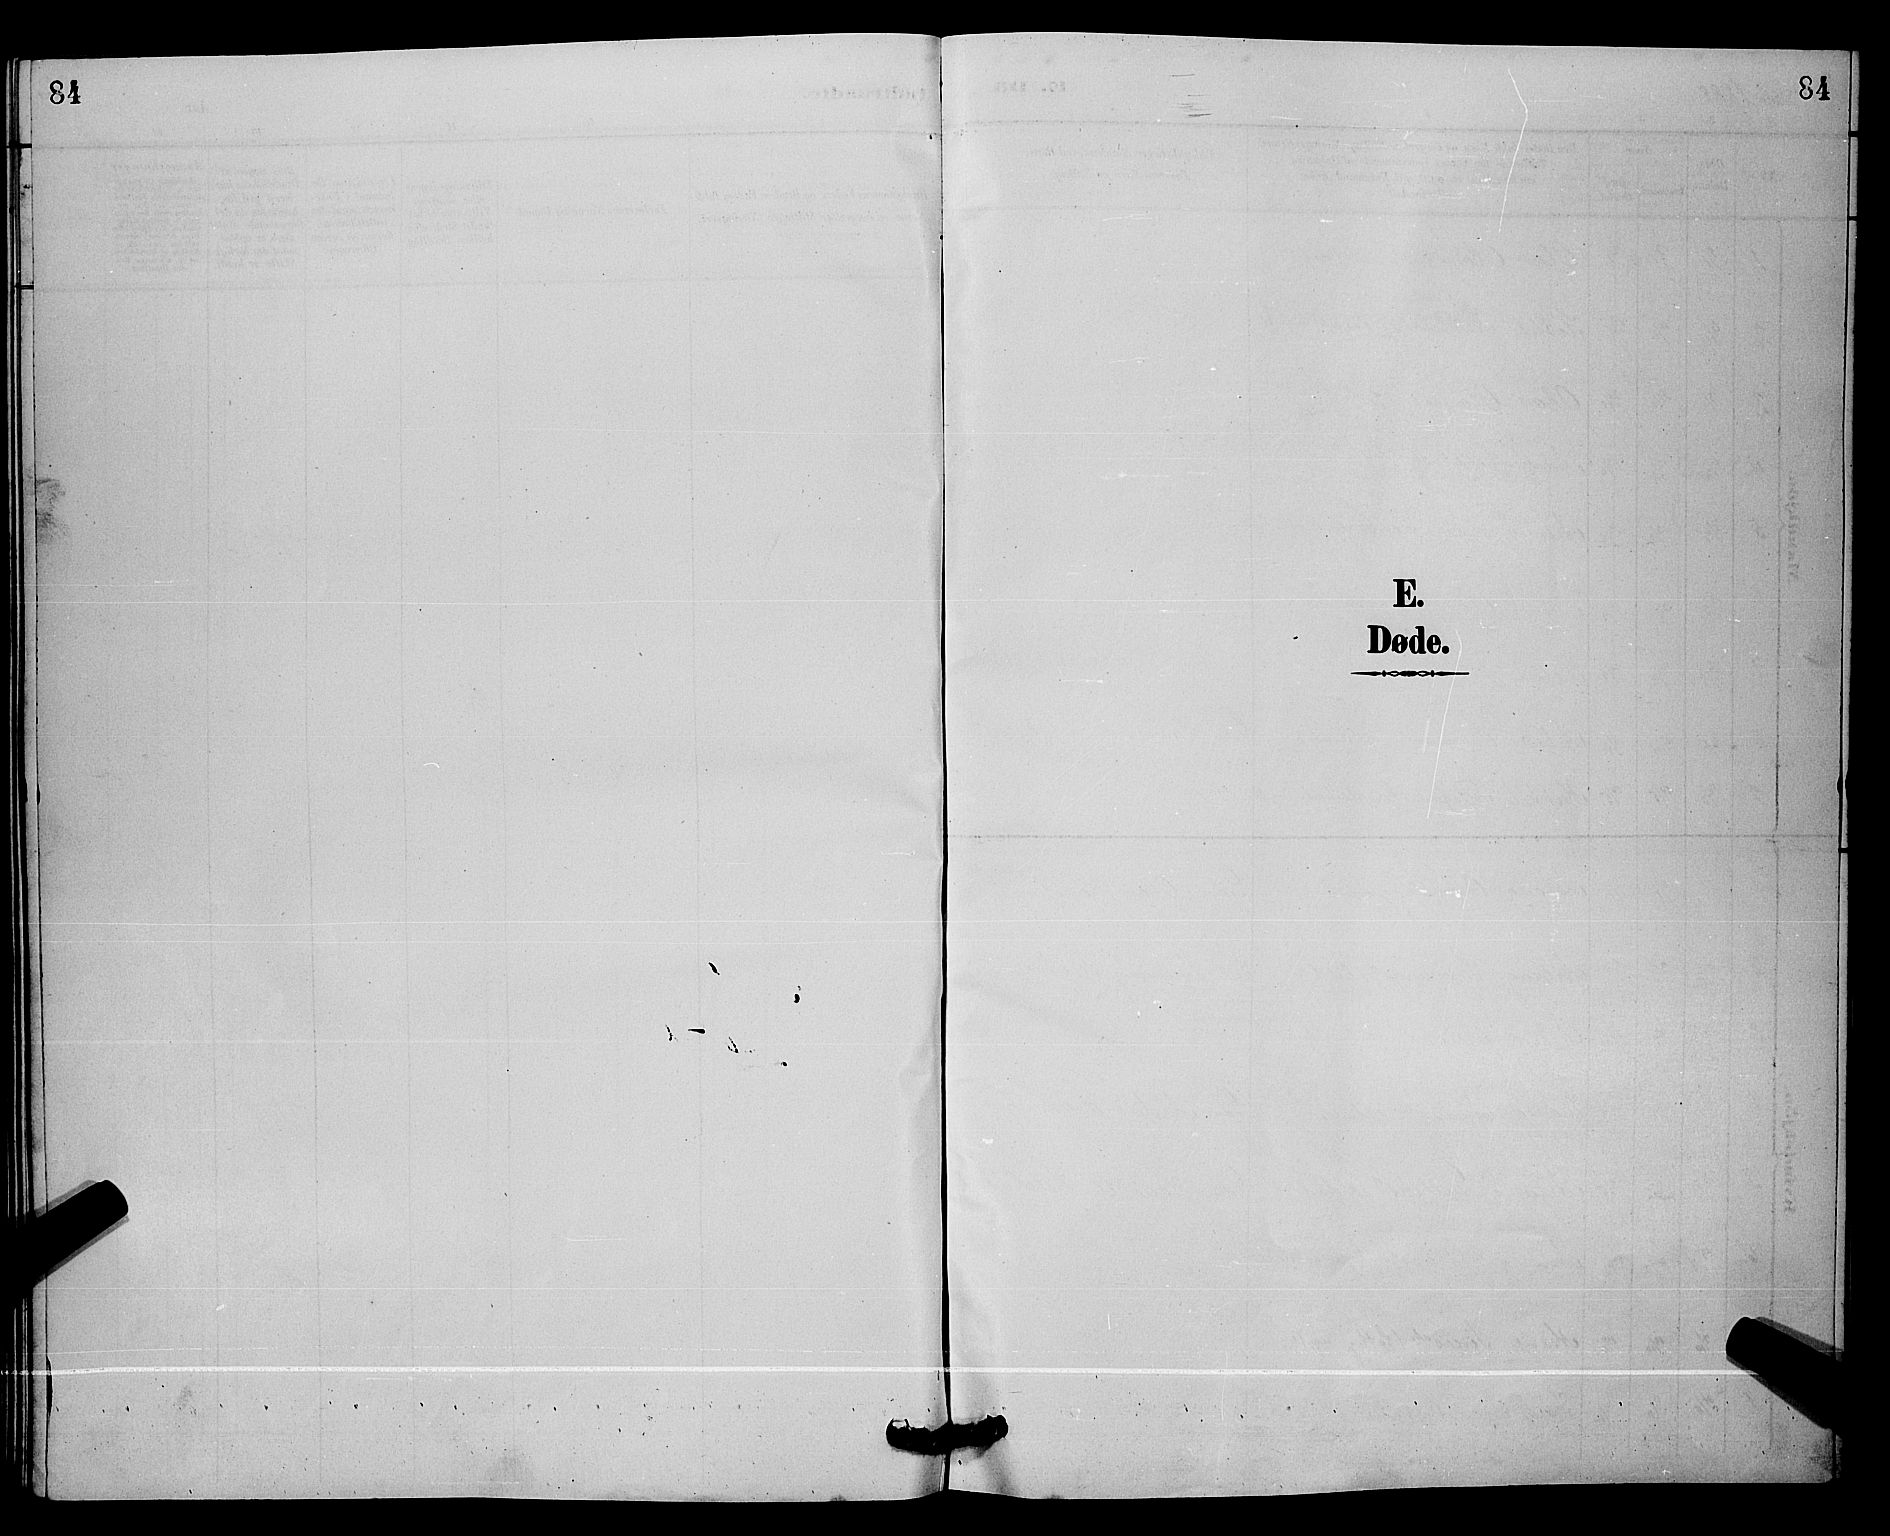 SAKO, Lunde kirkebøker, G/Ga/L0002: Klokkerbok nr. I 2, 1887-1896, s. 84